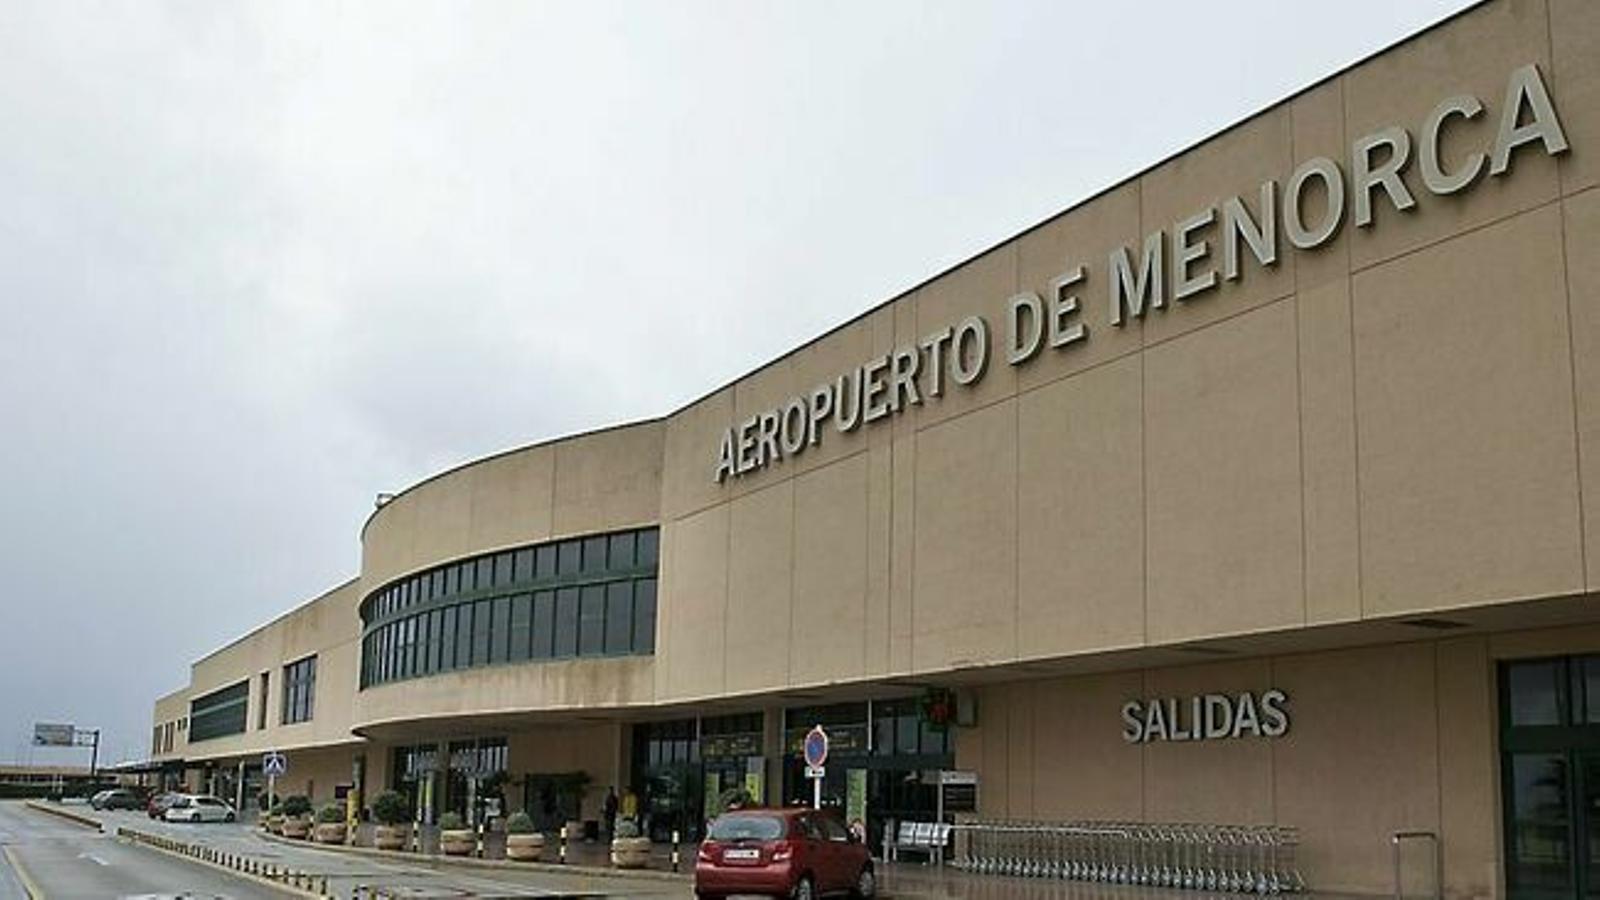 L'aeroport de Menorca és el millor d'Europa en la categoria d'entre dos i cinc milions de viatgers